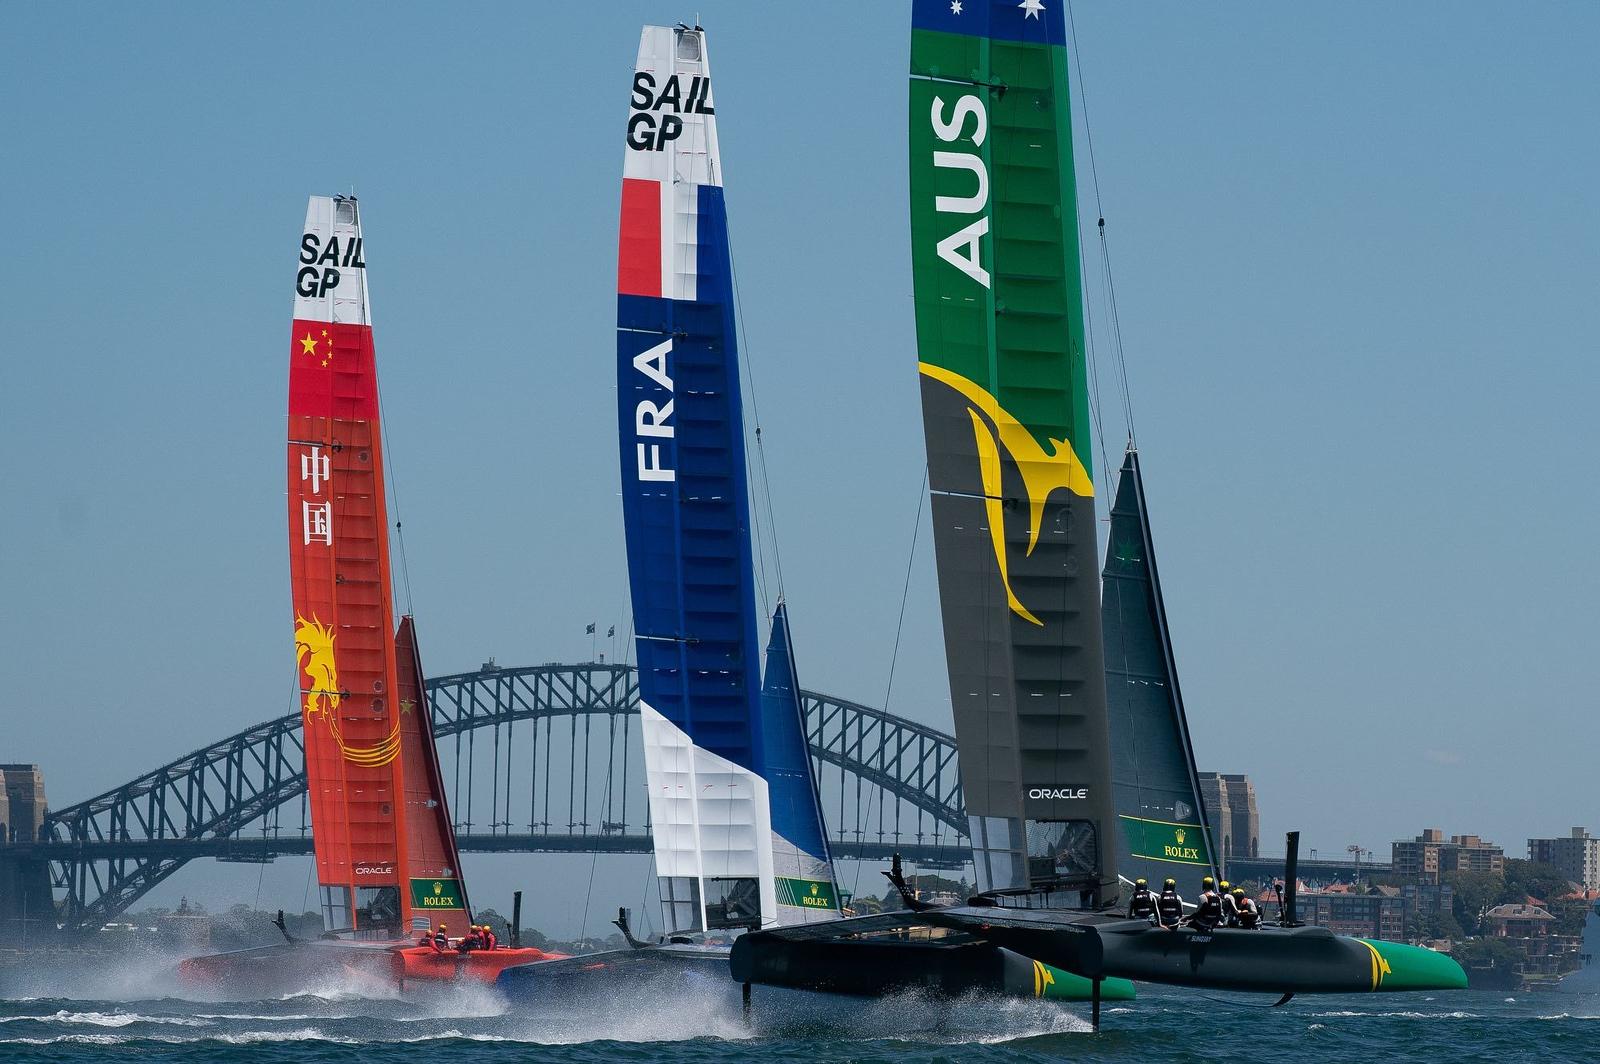 SailGP Team China, France, and Australia boats (photo credit: SailGP)